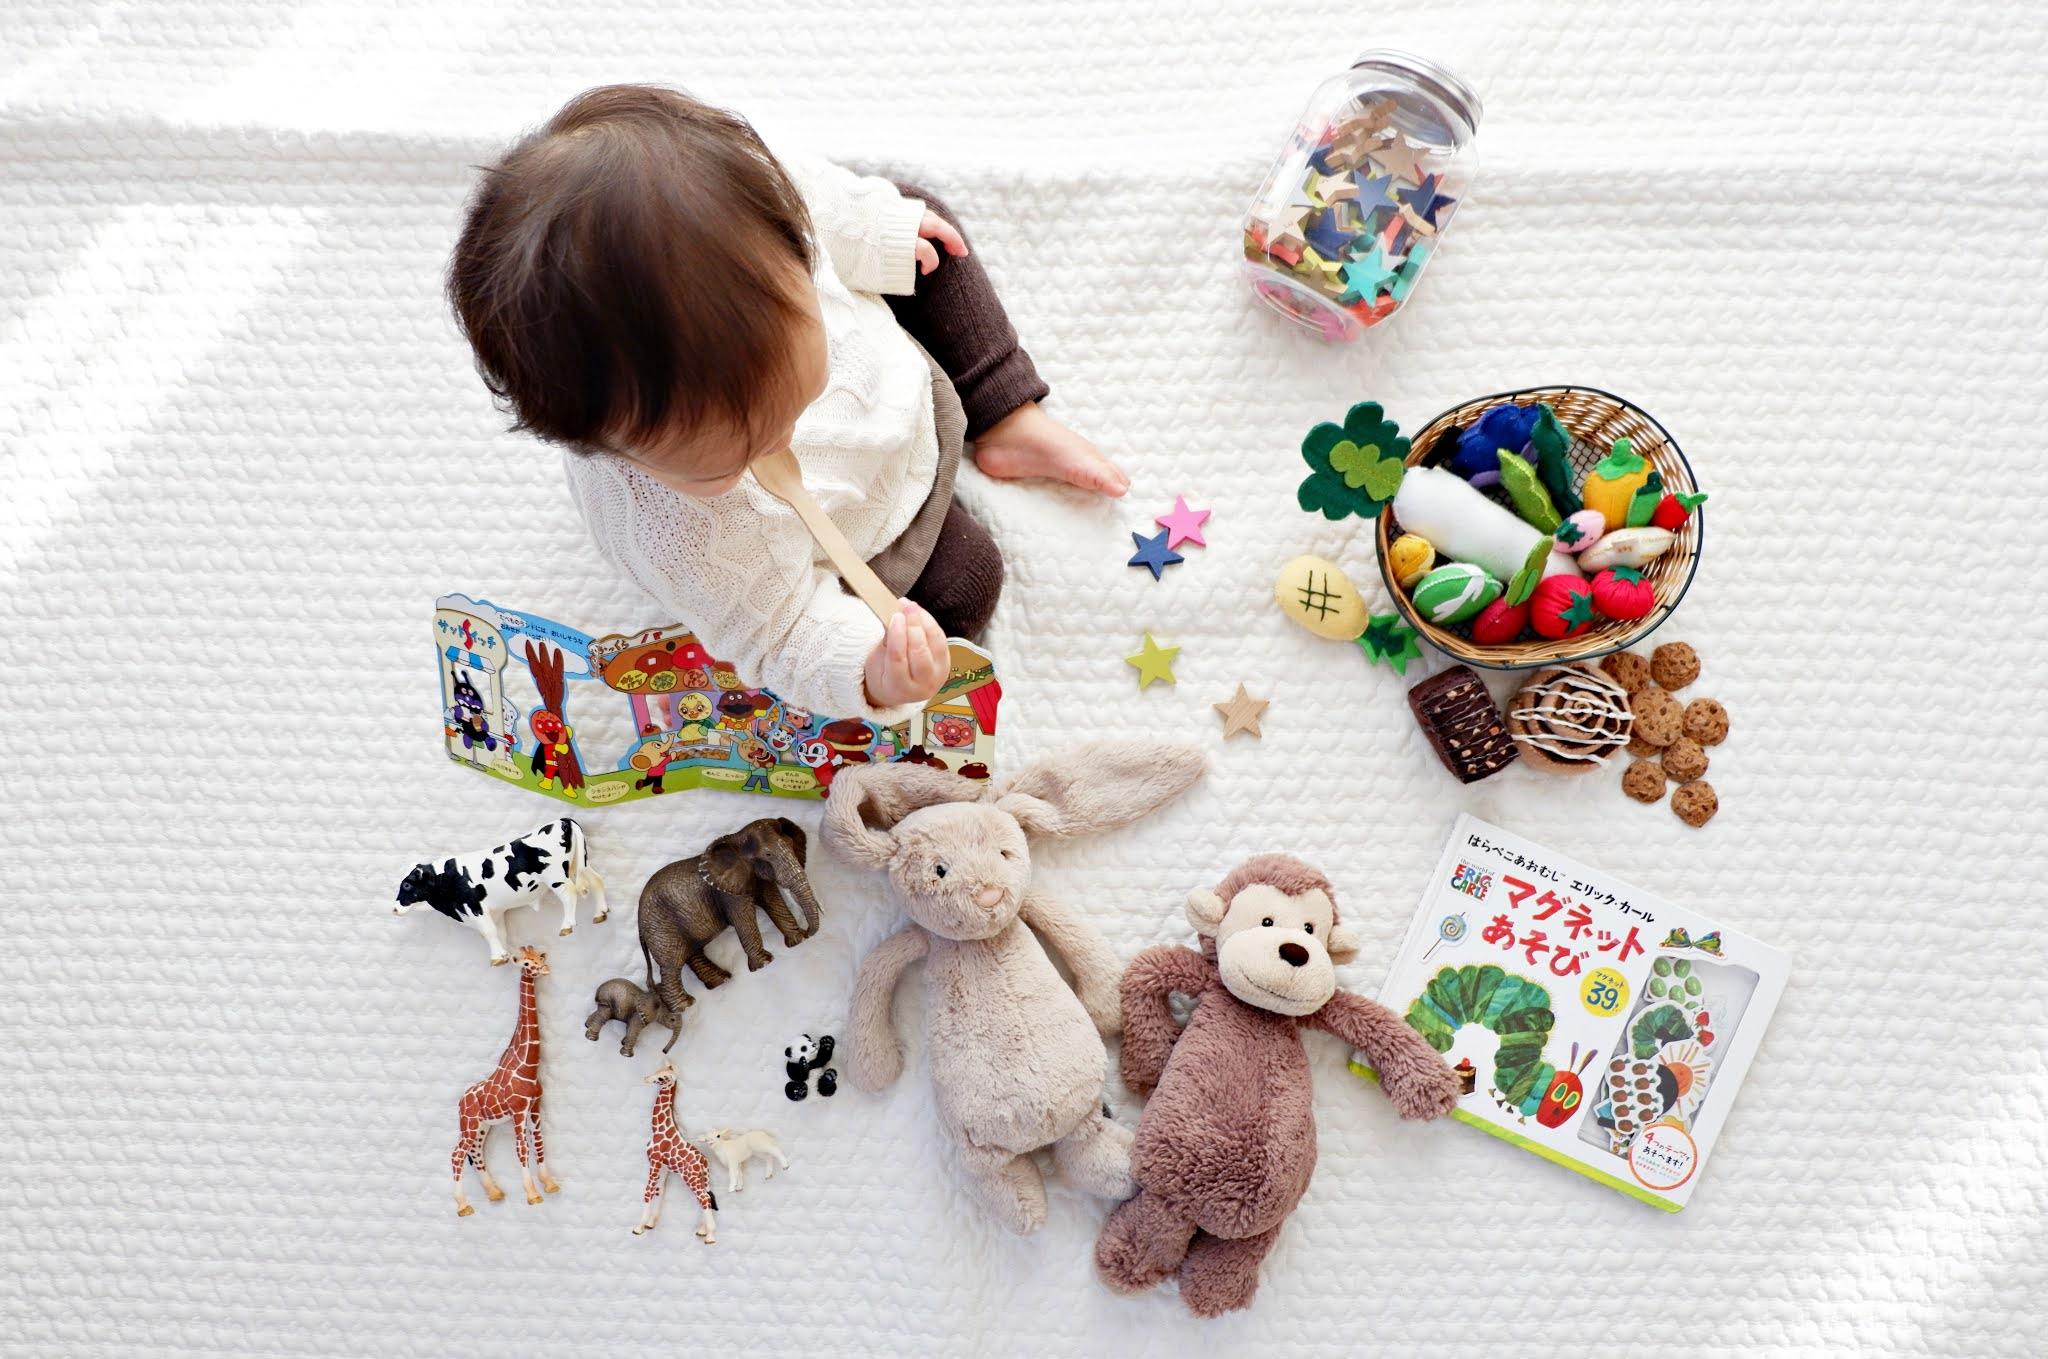 Rekomendasi Permainan anak 1 tahun